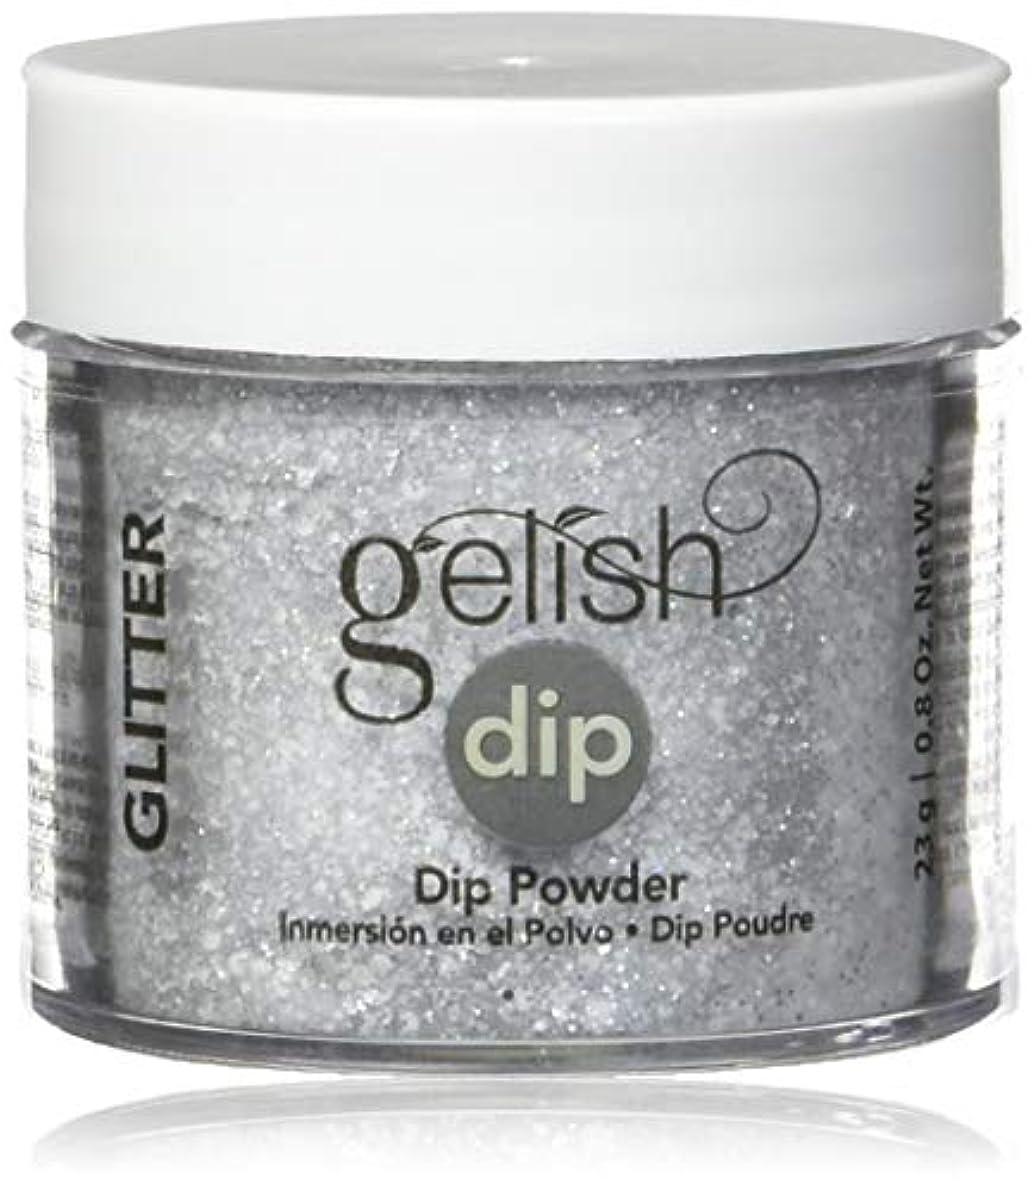 アイドルうなる一緒Harmony Gelish - Acrylic Dip Powder - Am I Making You Gelish? - 23g / 0.8oz